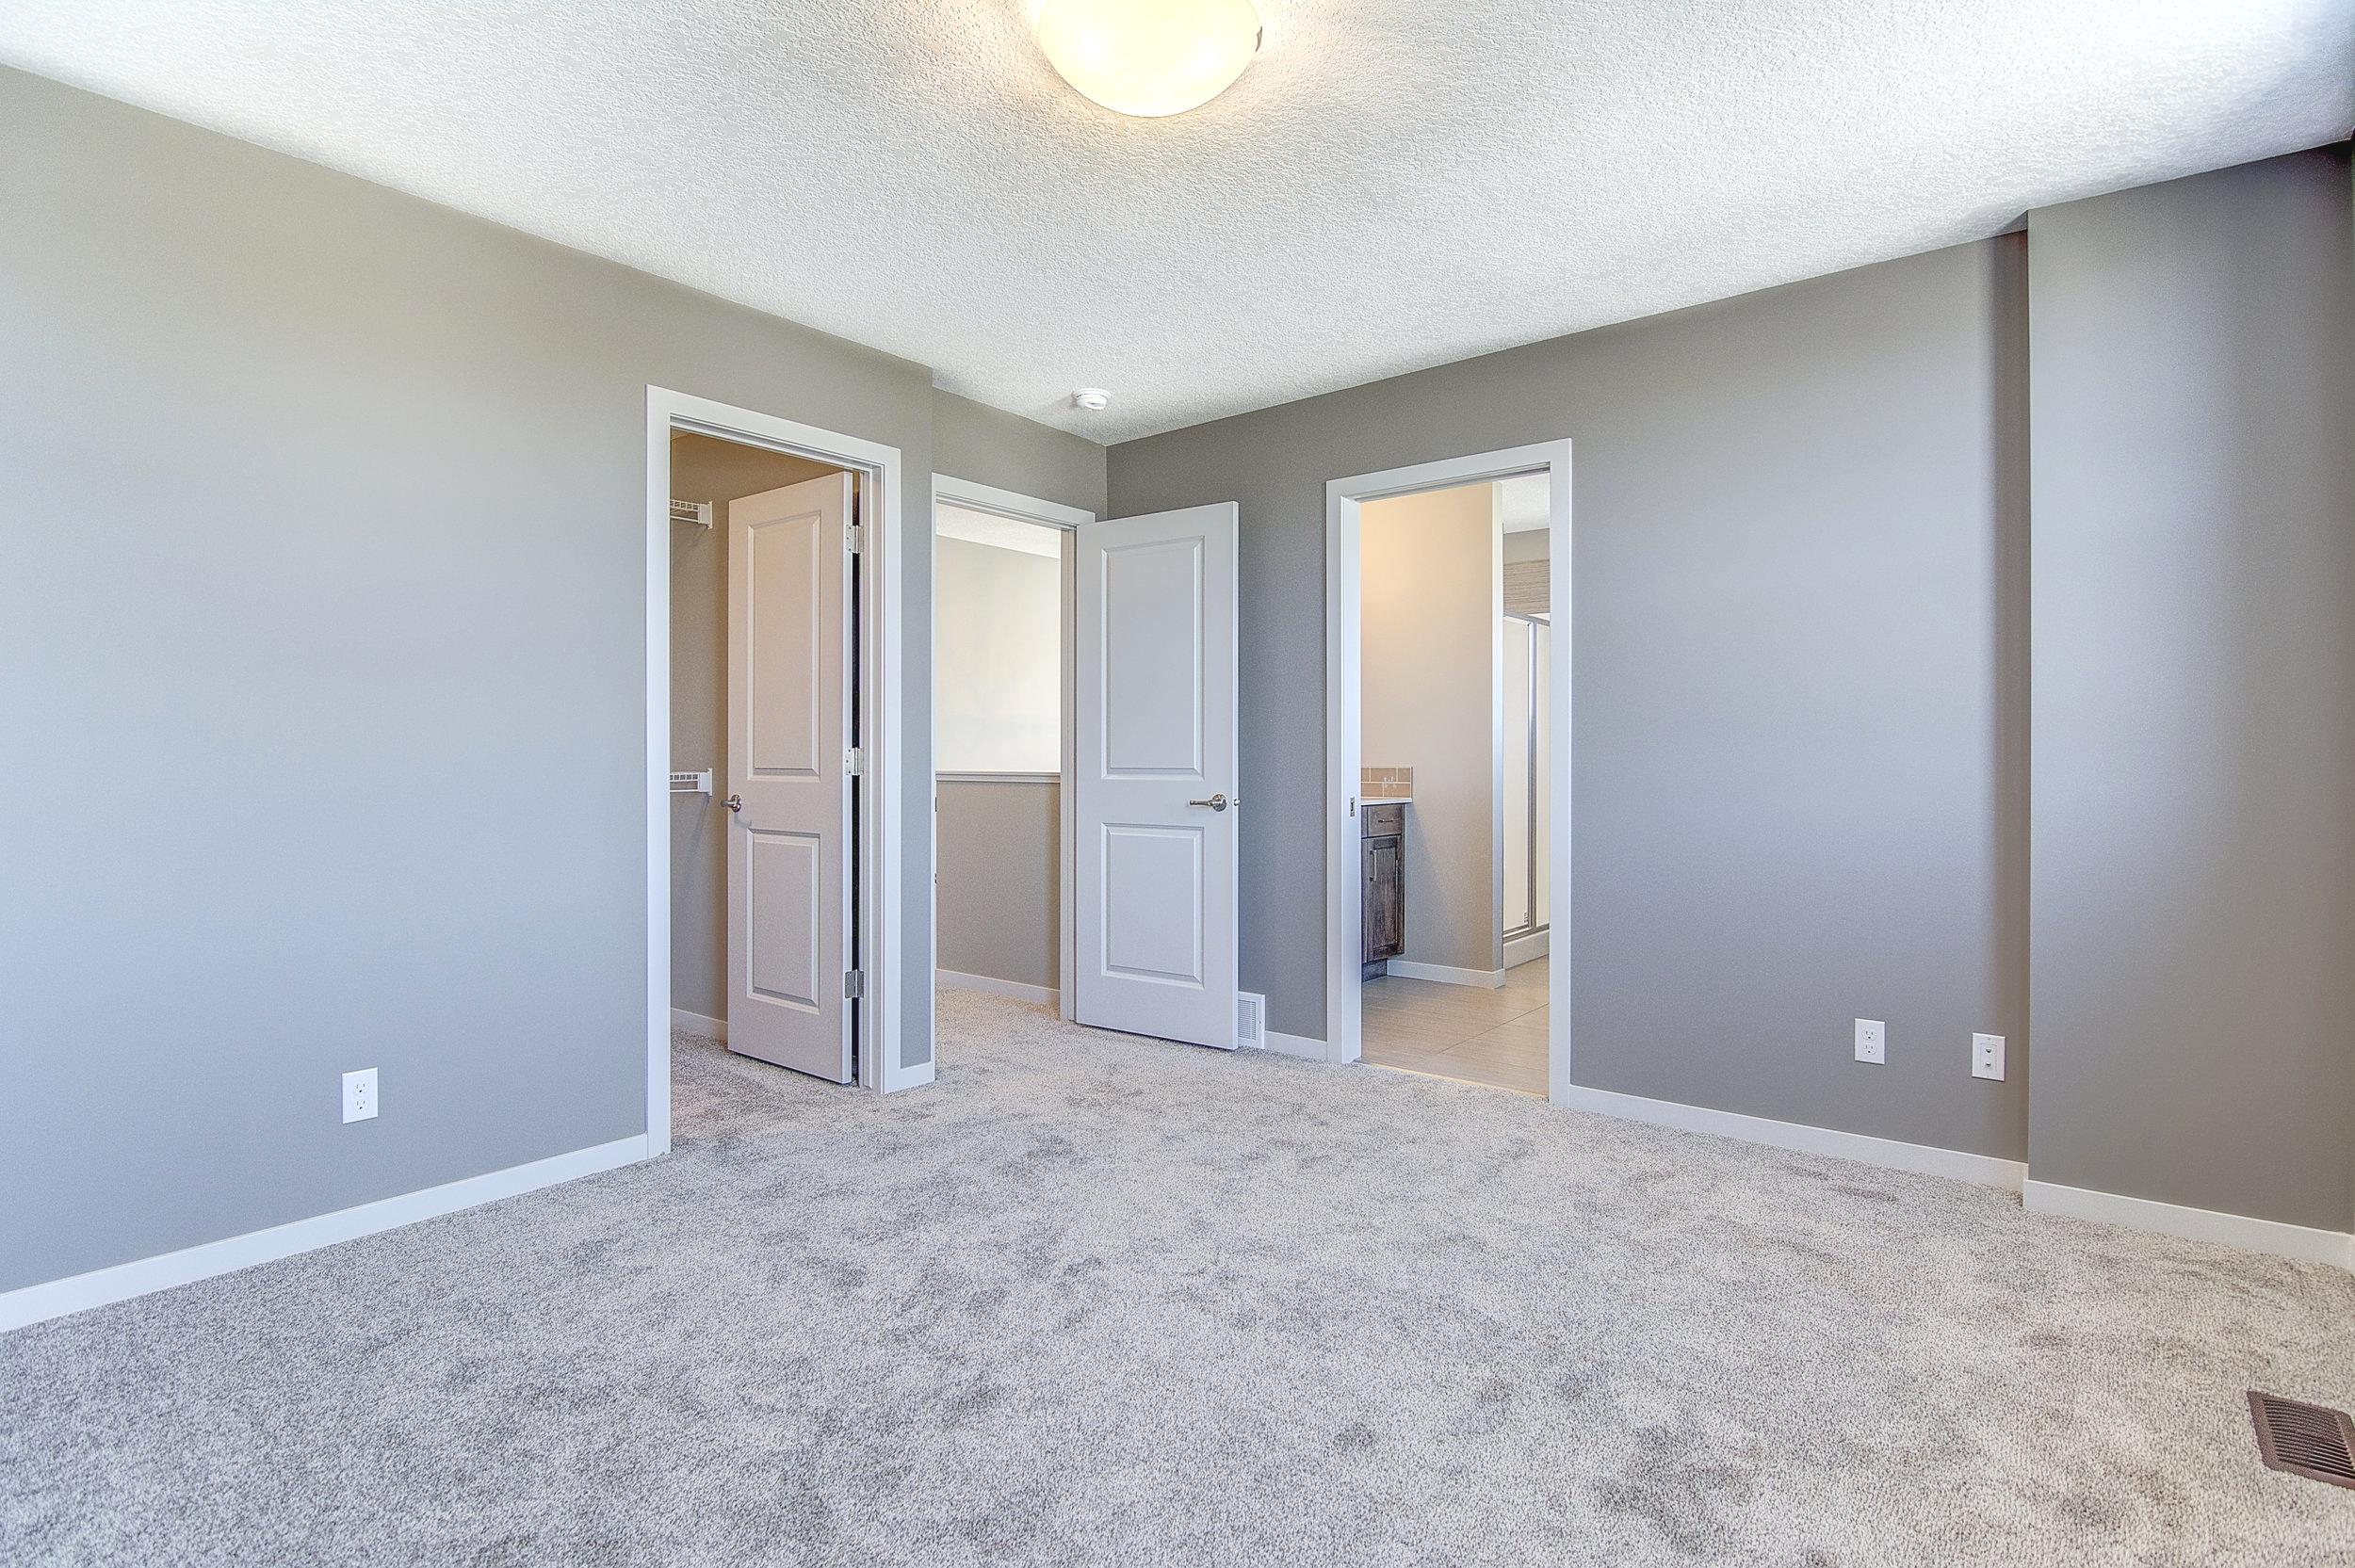 22-upper master bedroom 2-39.jpg